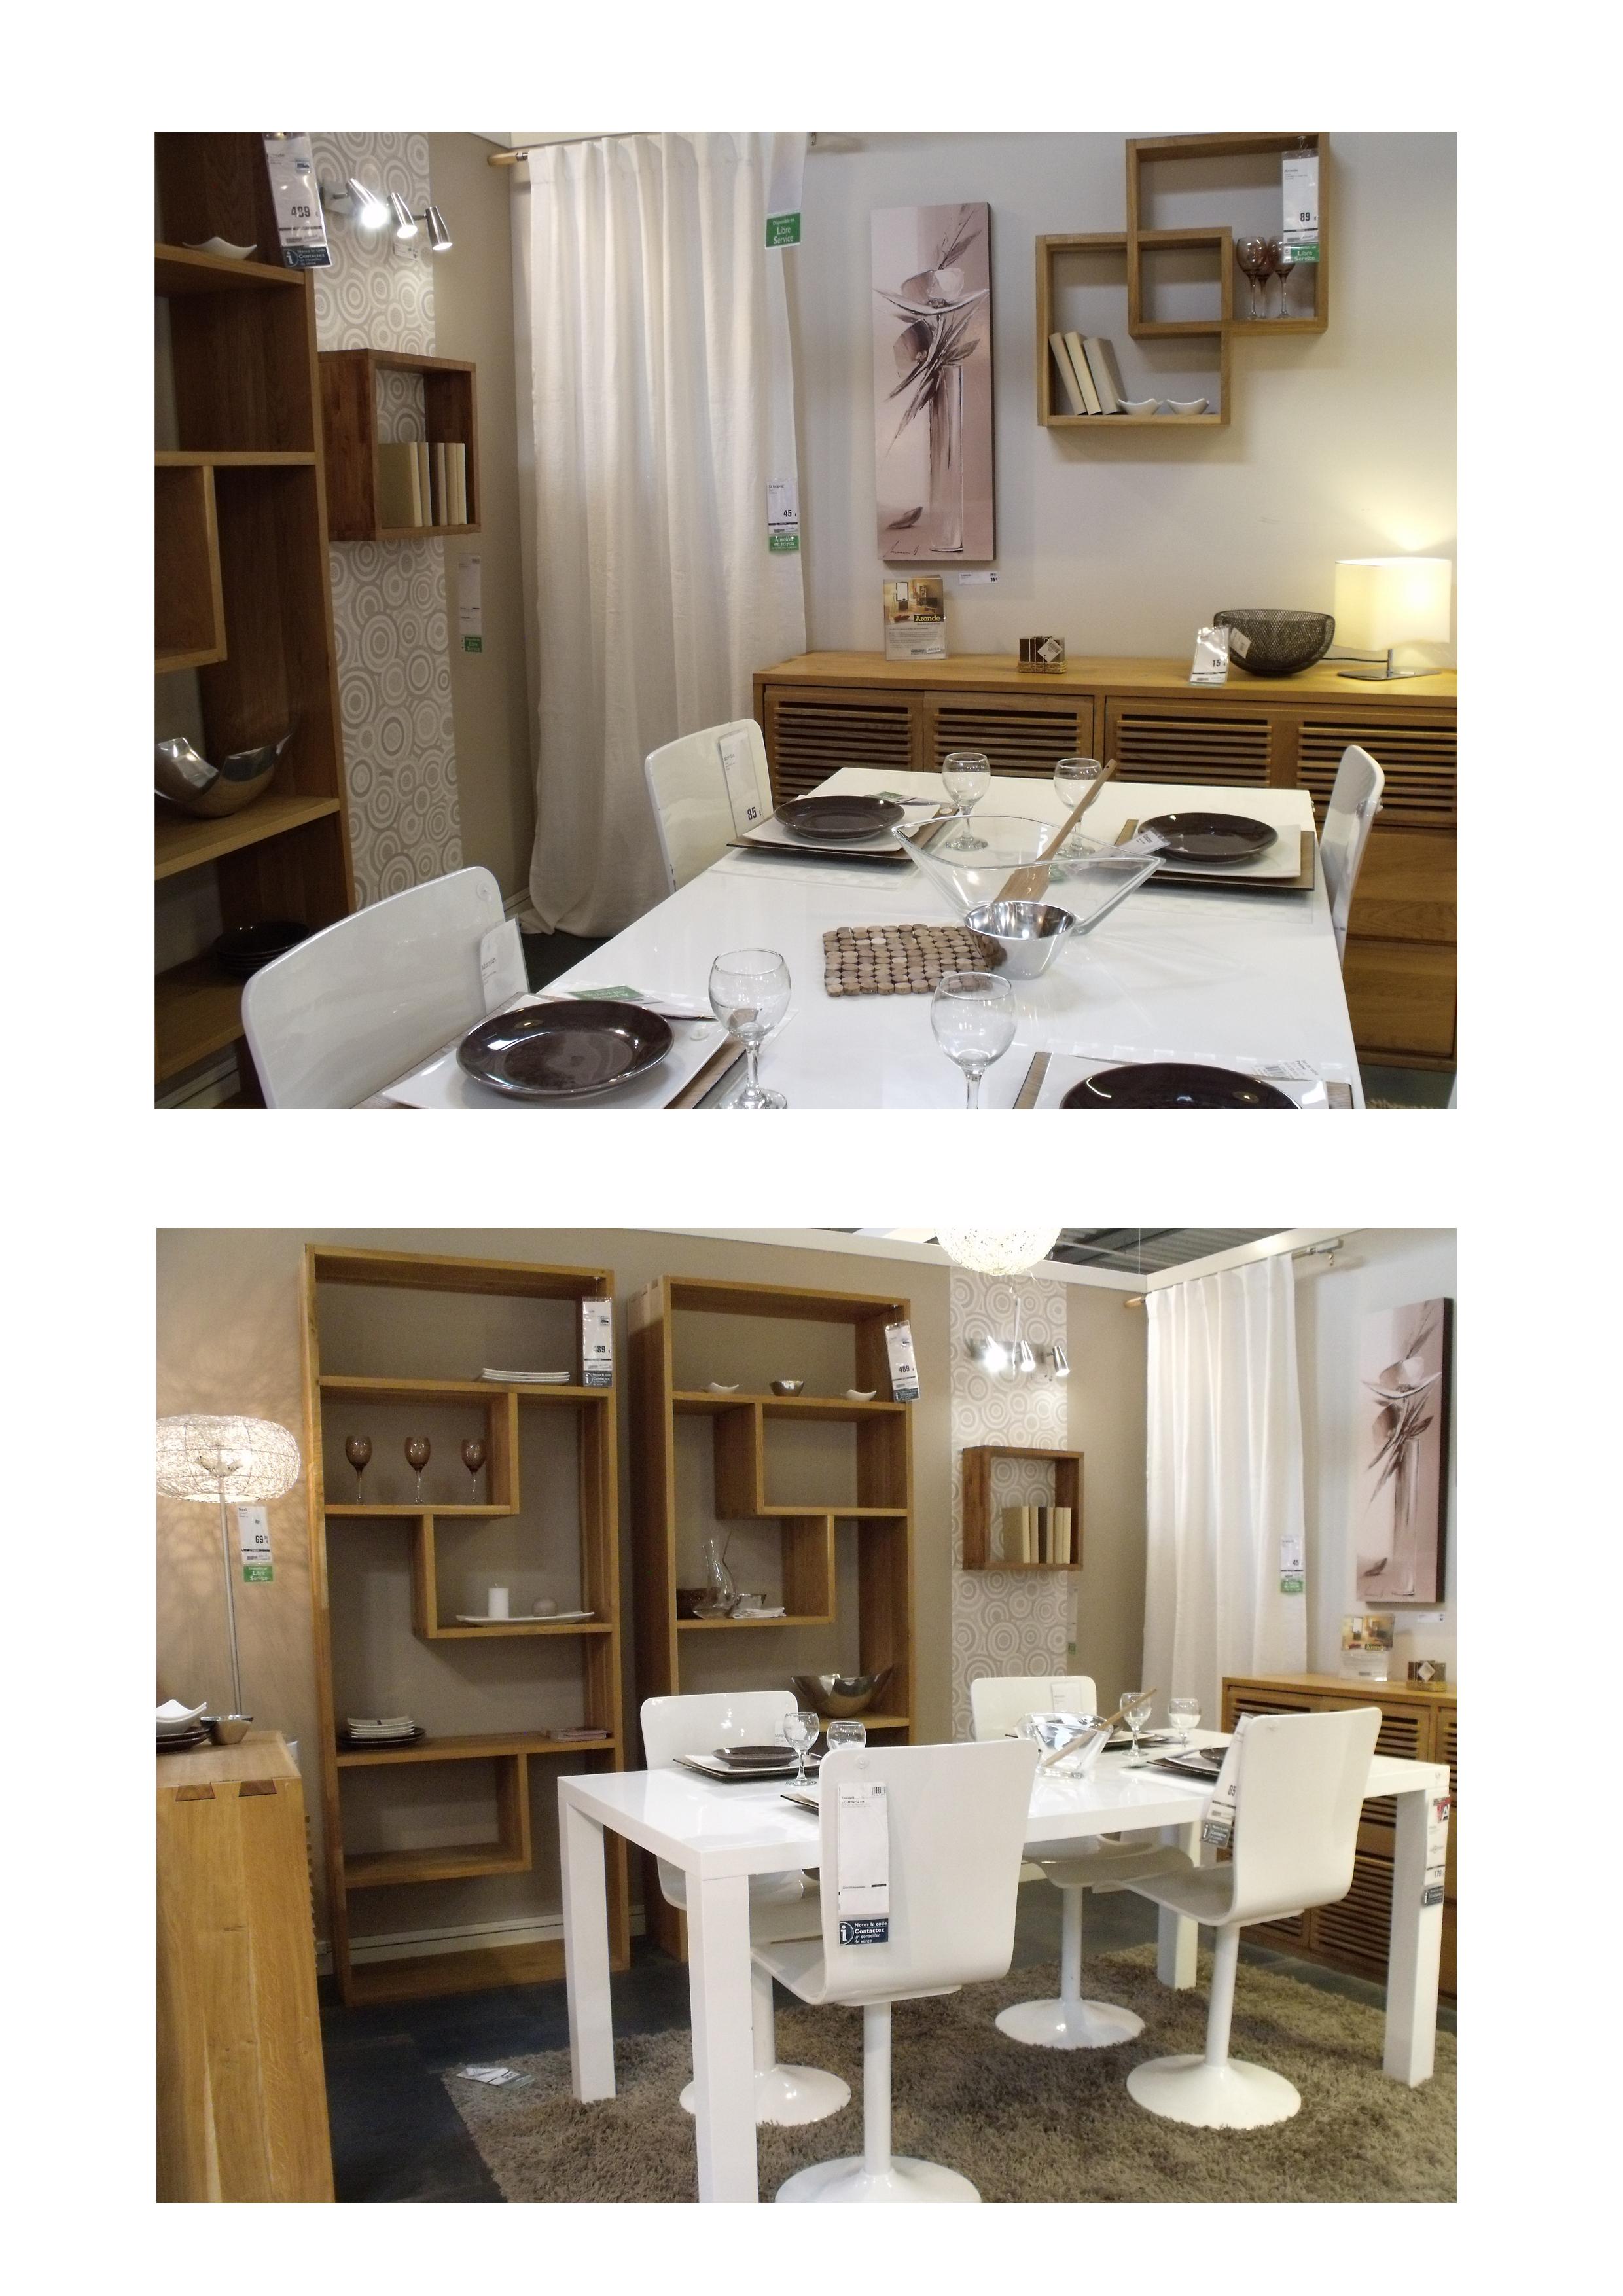 #91713A Décoration D'une Salle à Manger Naturelle 4495 décoration pour une salle à manger 2480x3508 px @ aertt.com